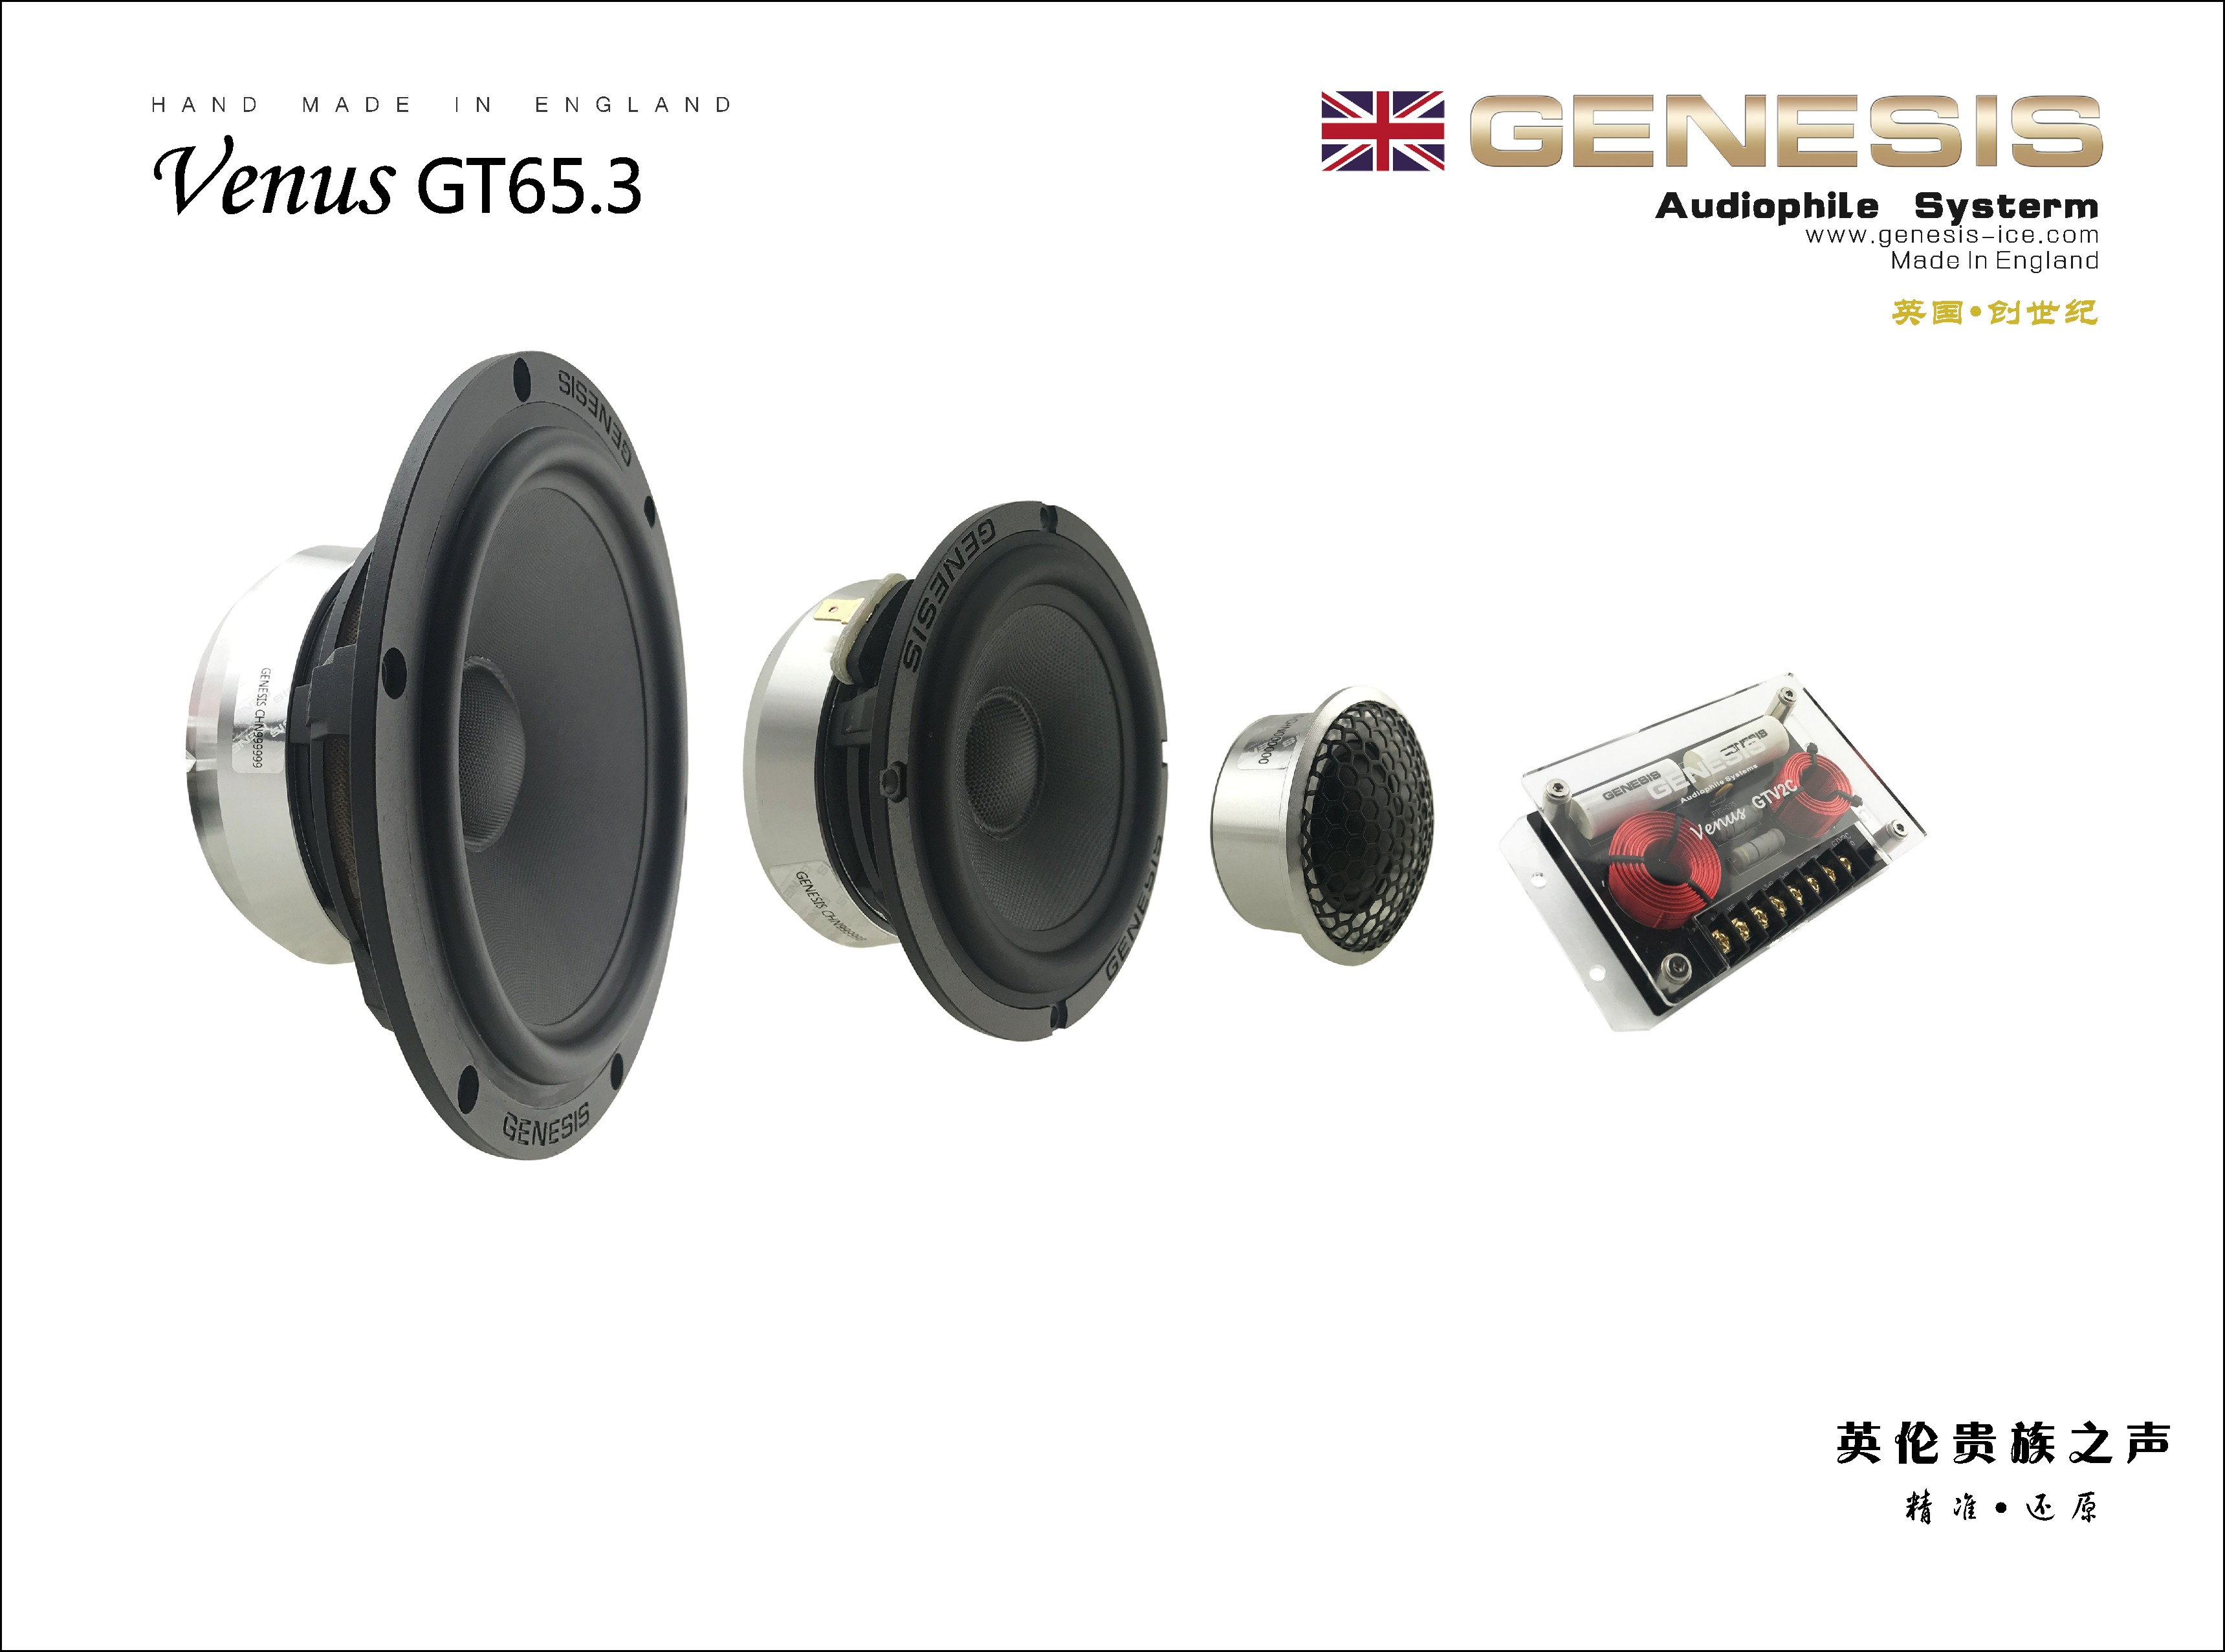 Venus GT65.3